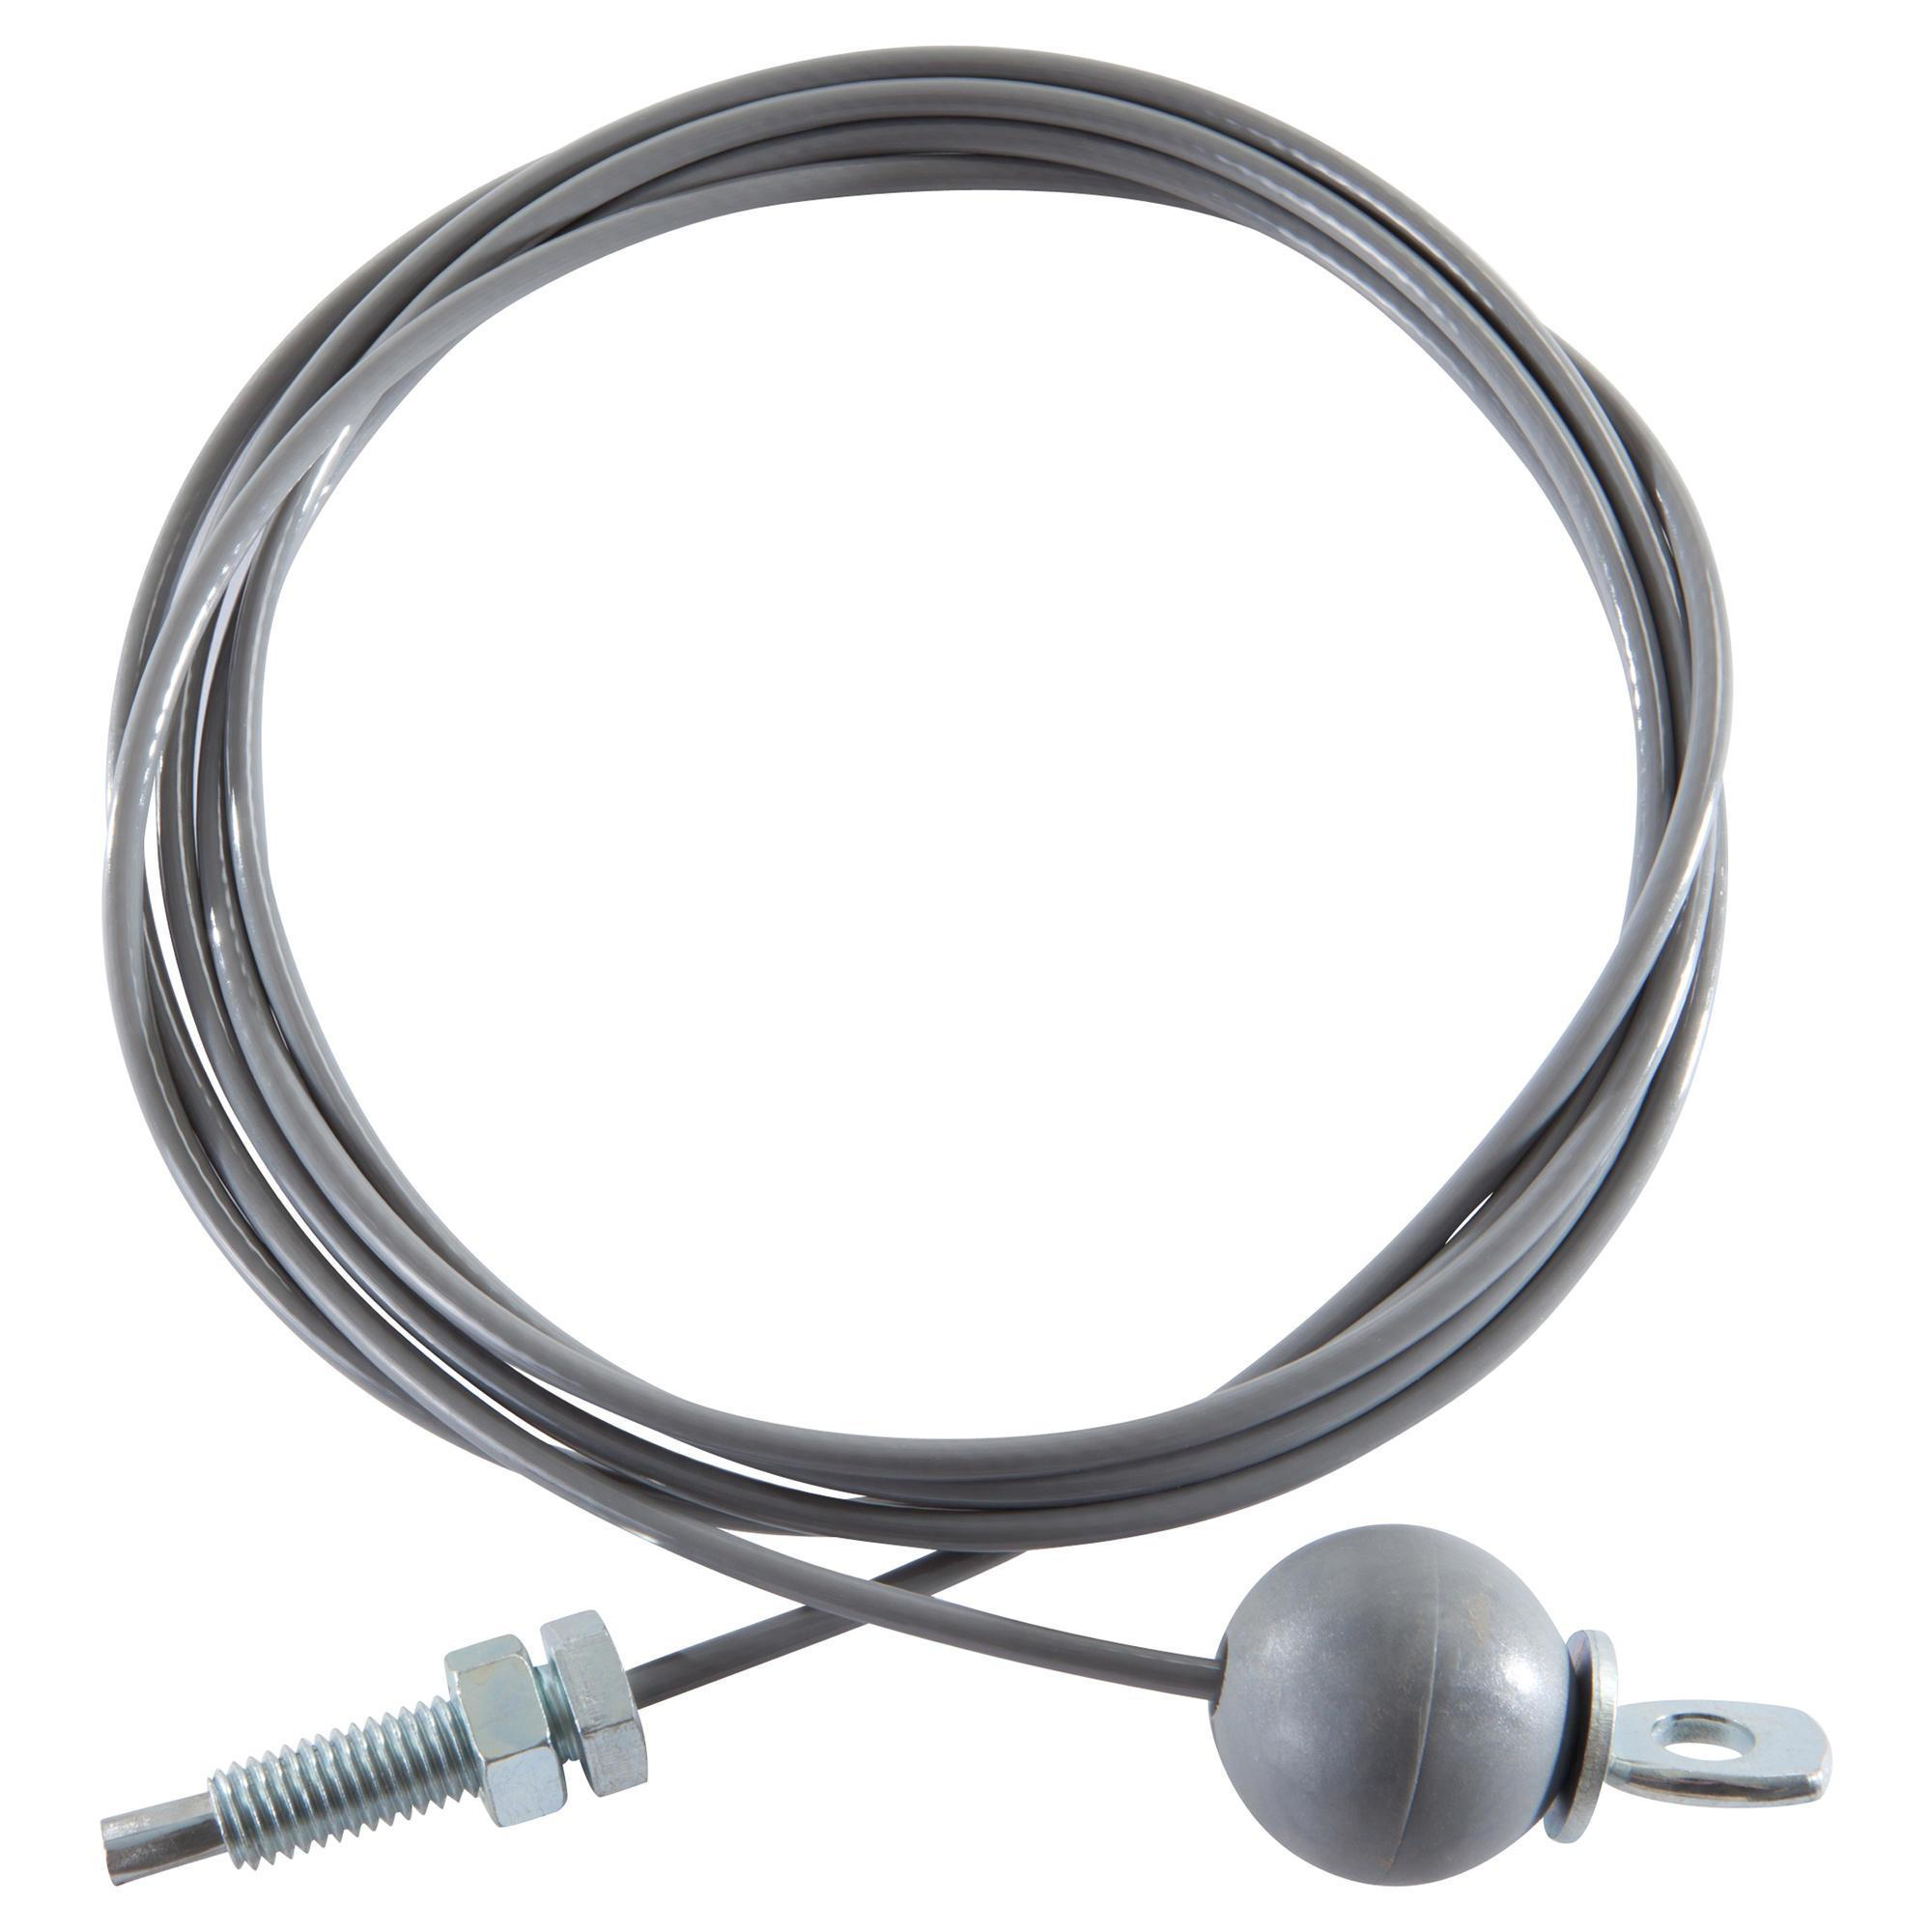 Cable 3050mm Domyos Decathlon